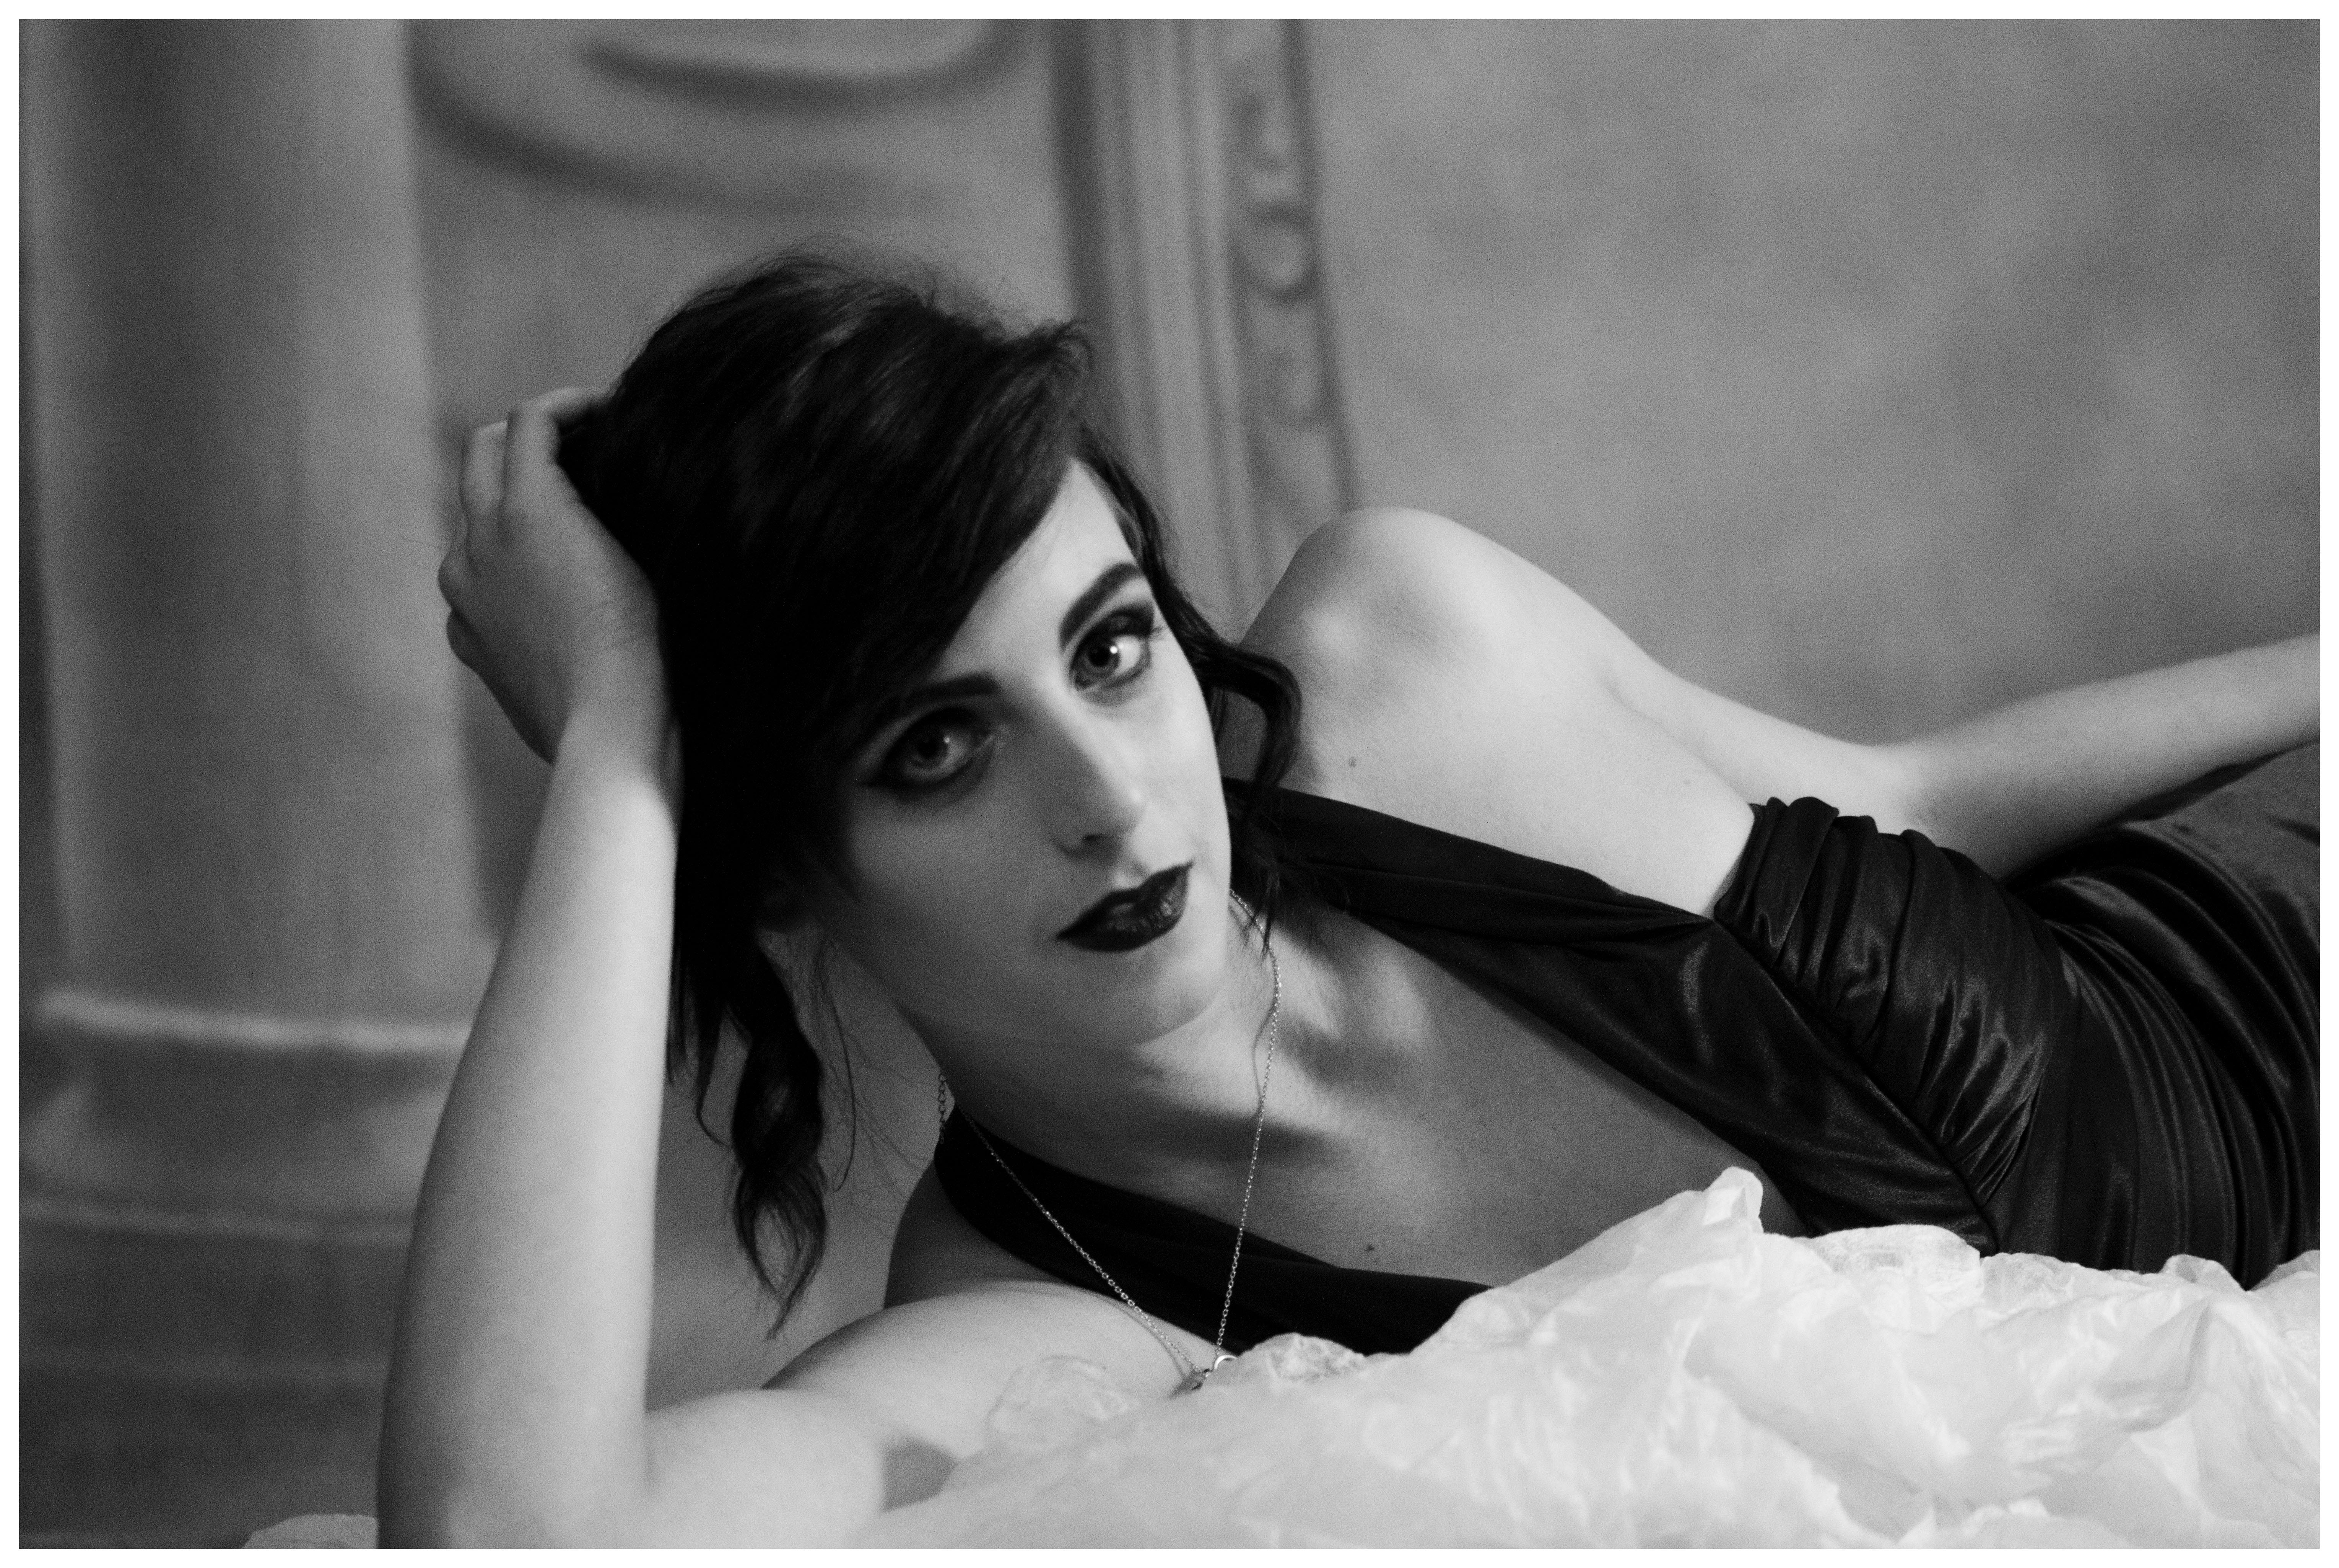 Wife erotic photoshoot